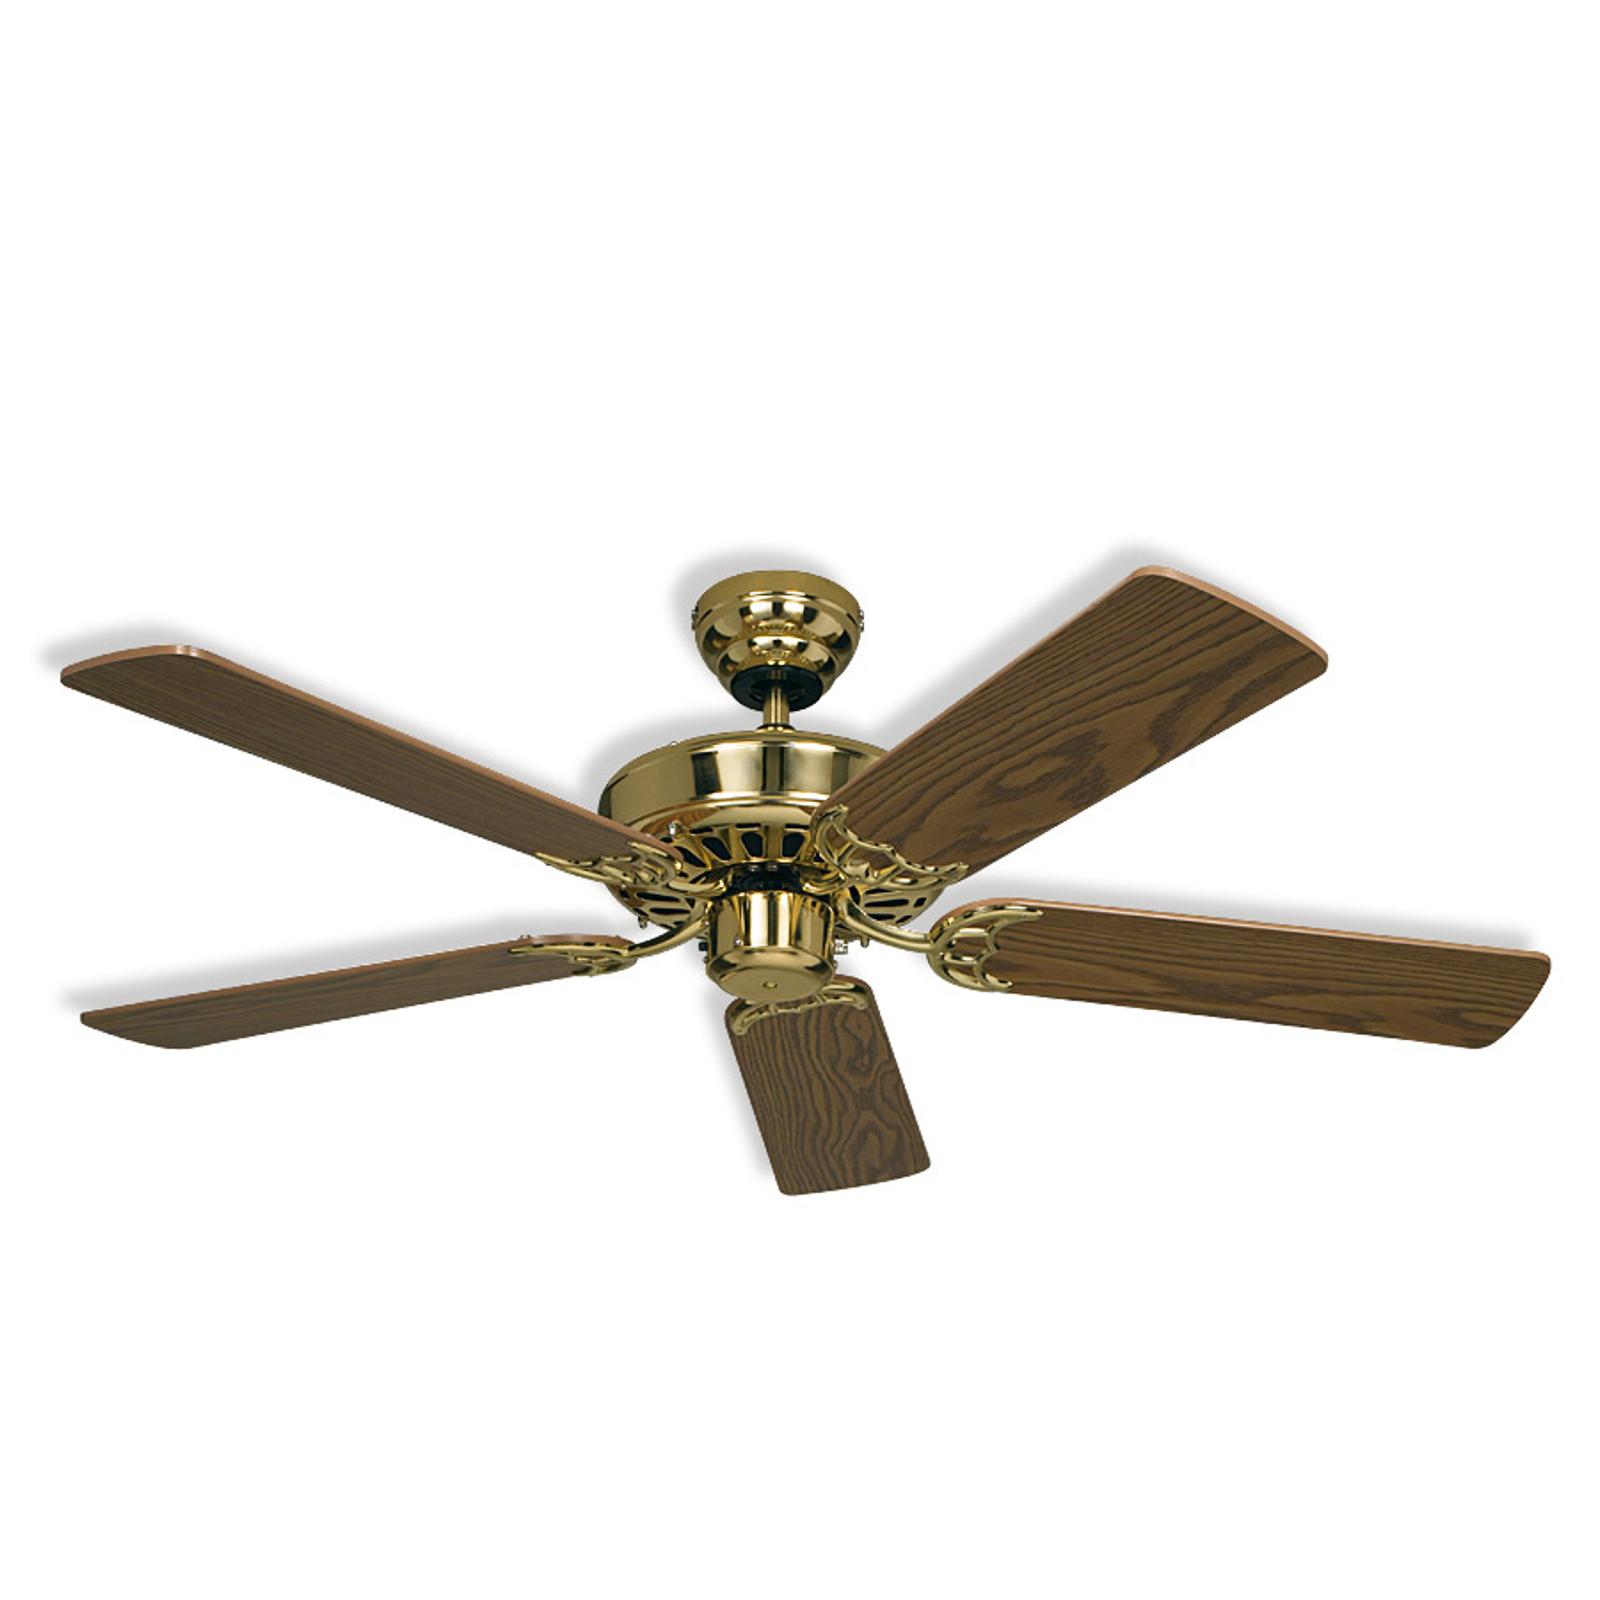 Stropný ventilátor Royal 103 mosadz-starožitný dub_2015053_1